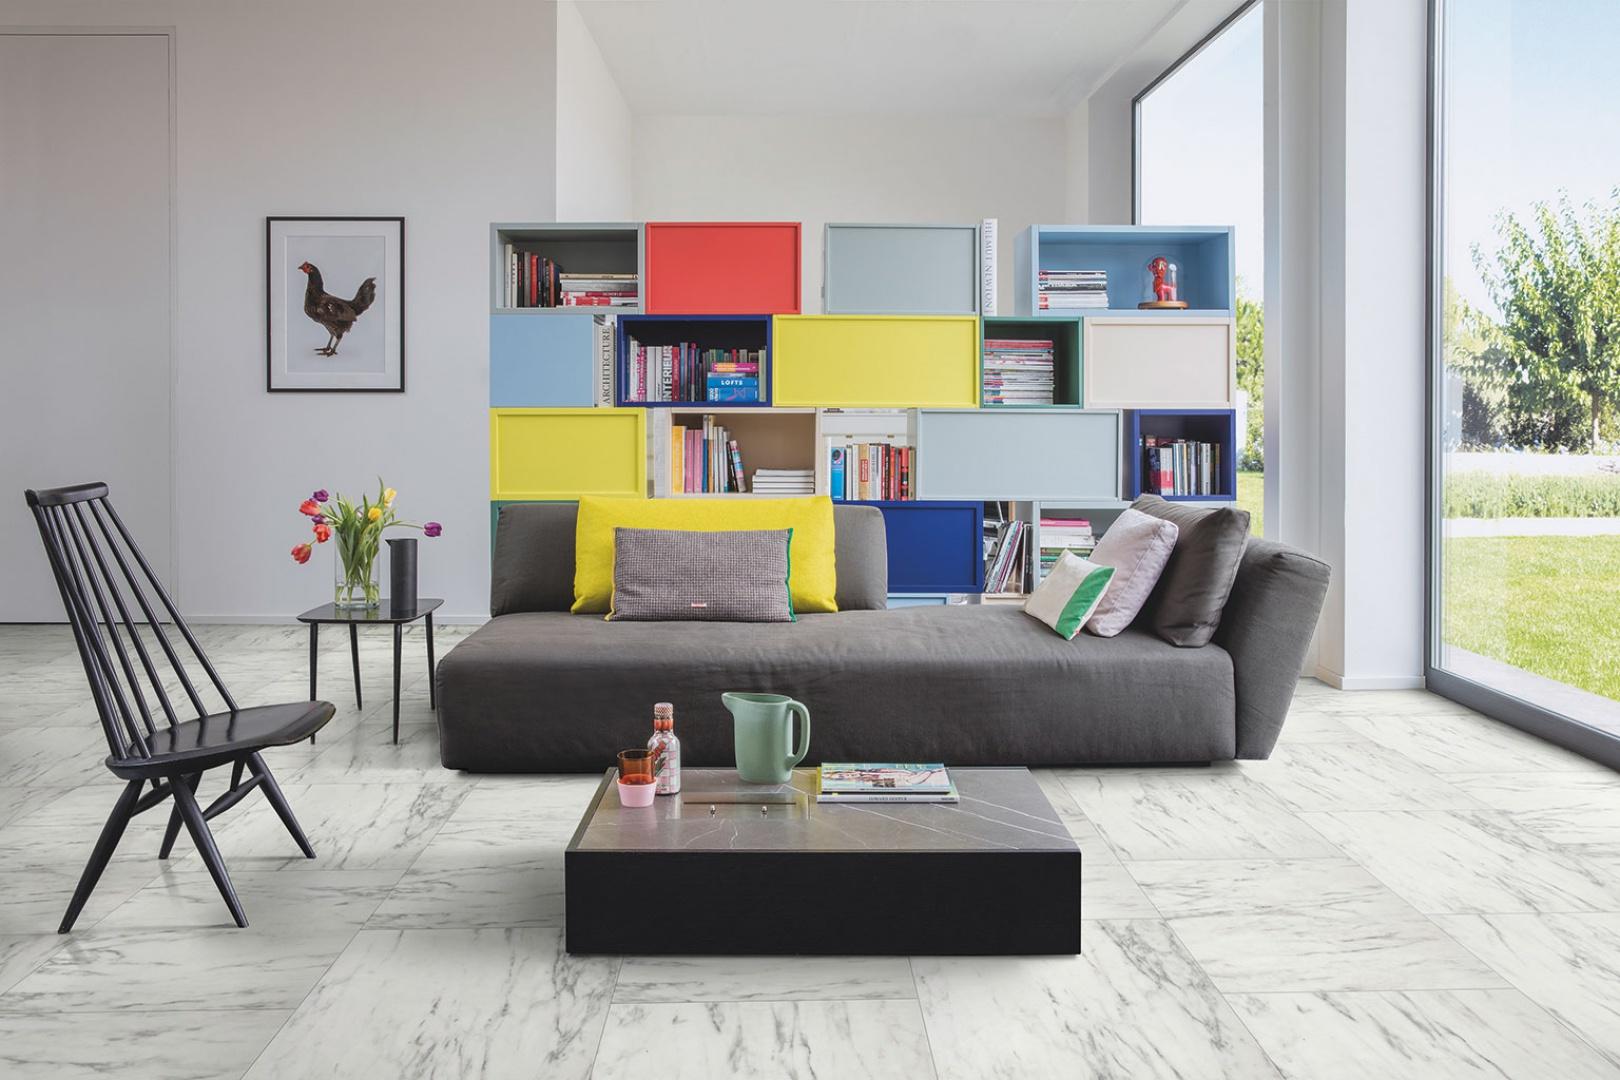 W urządzaniu wnętrza w stylu Memphis kluczowy jest wybór odpowiedniej podłogi, gdyż stanowi ona mocny fundament dla tak żywiołowej estetyki. Najlepsza okaże się podłoga z białego lub szarego – lubianego przez wszystkich - drewna lub kamienna, a nawet betonowa. Fot. Quick-Step